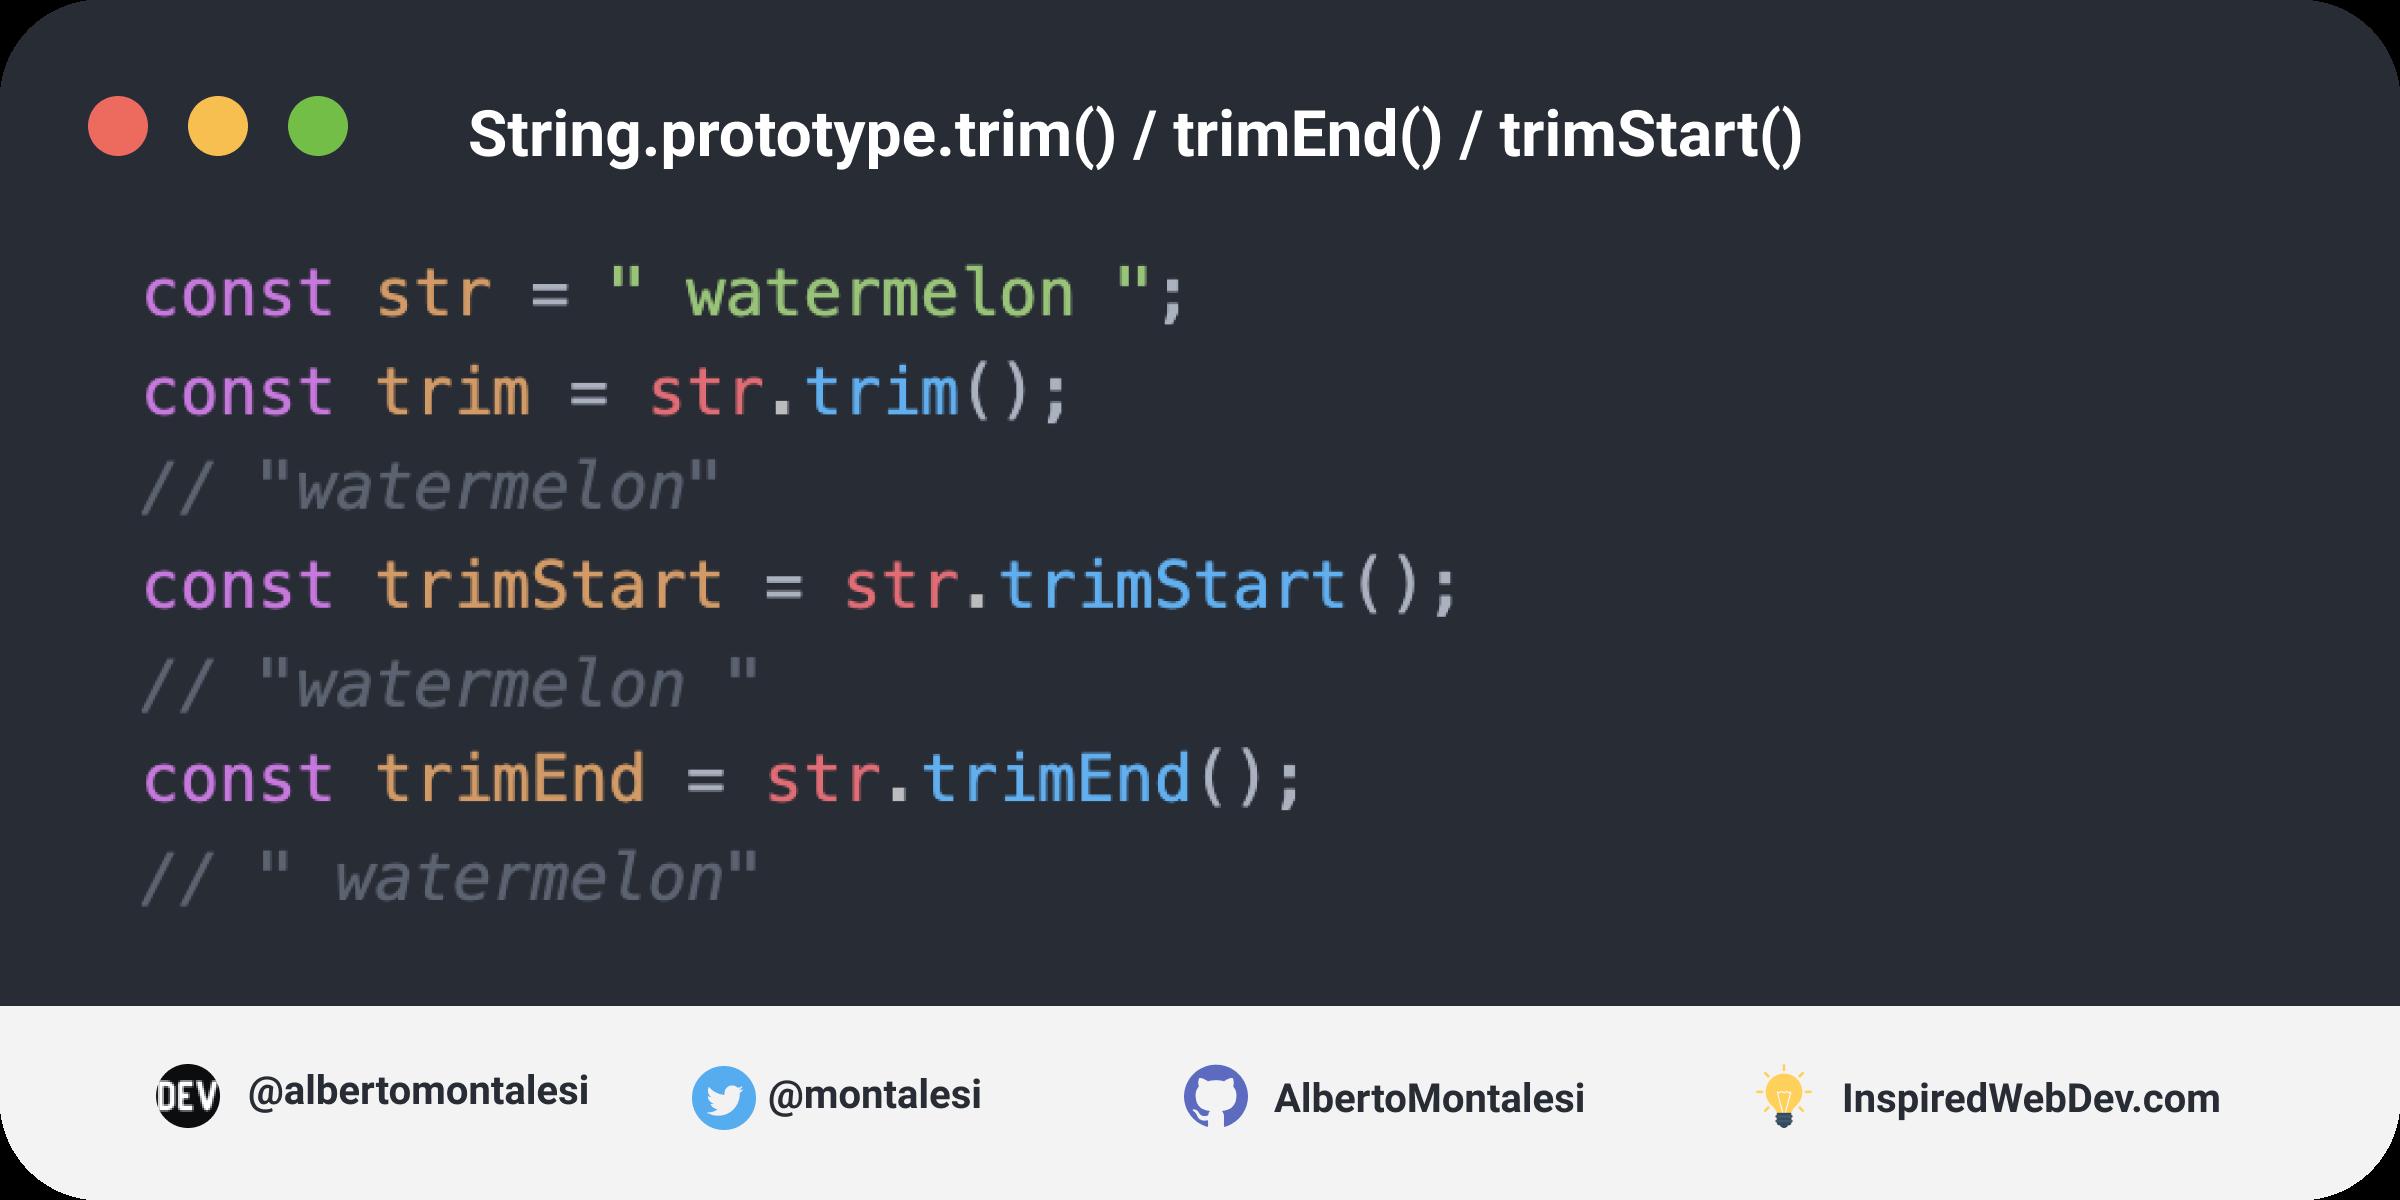 String.prototype.trim()